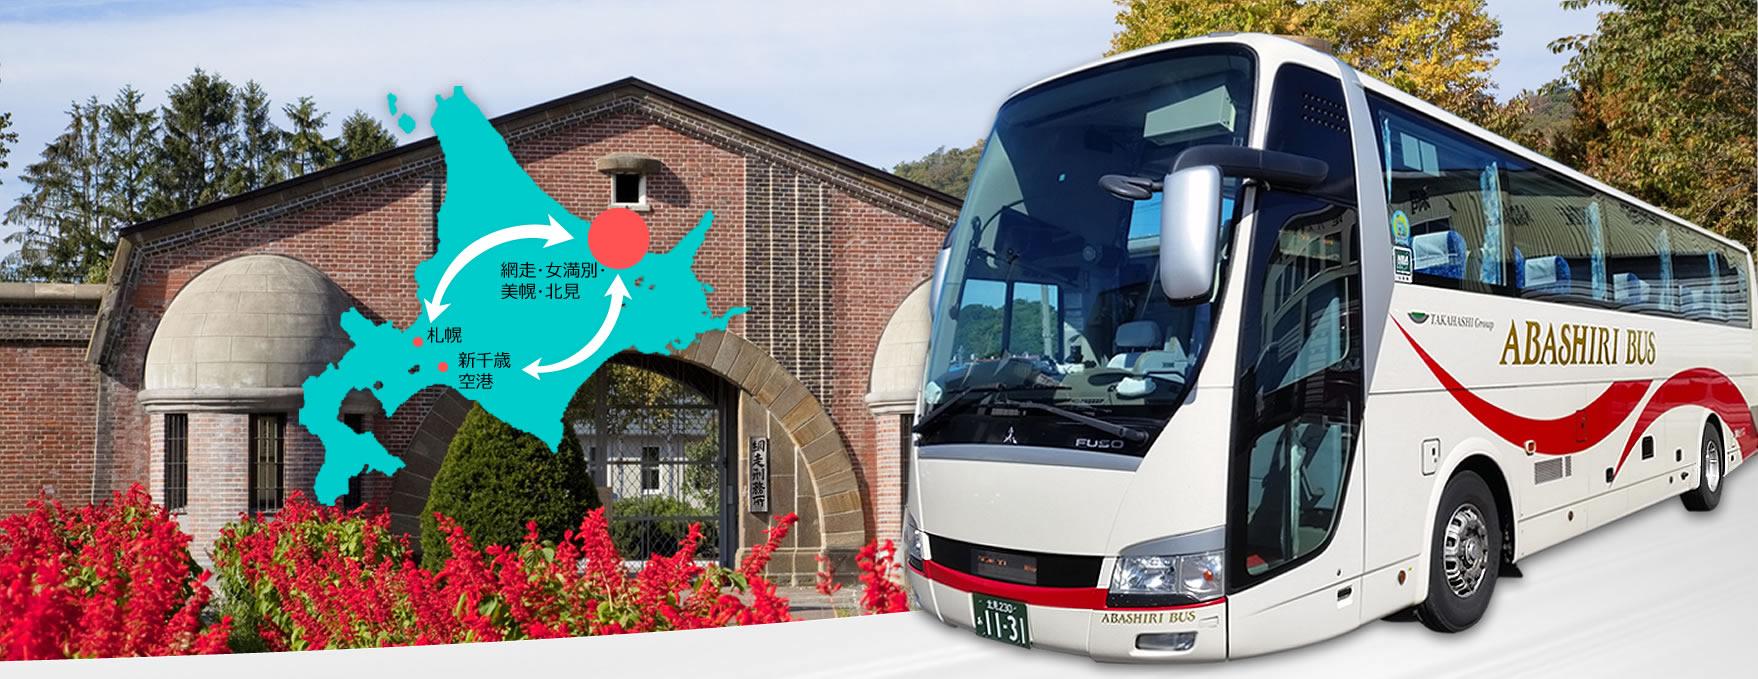 バス アプリ どこ 仙台